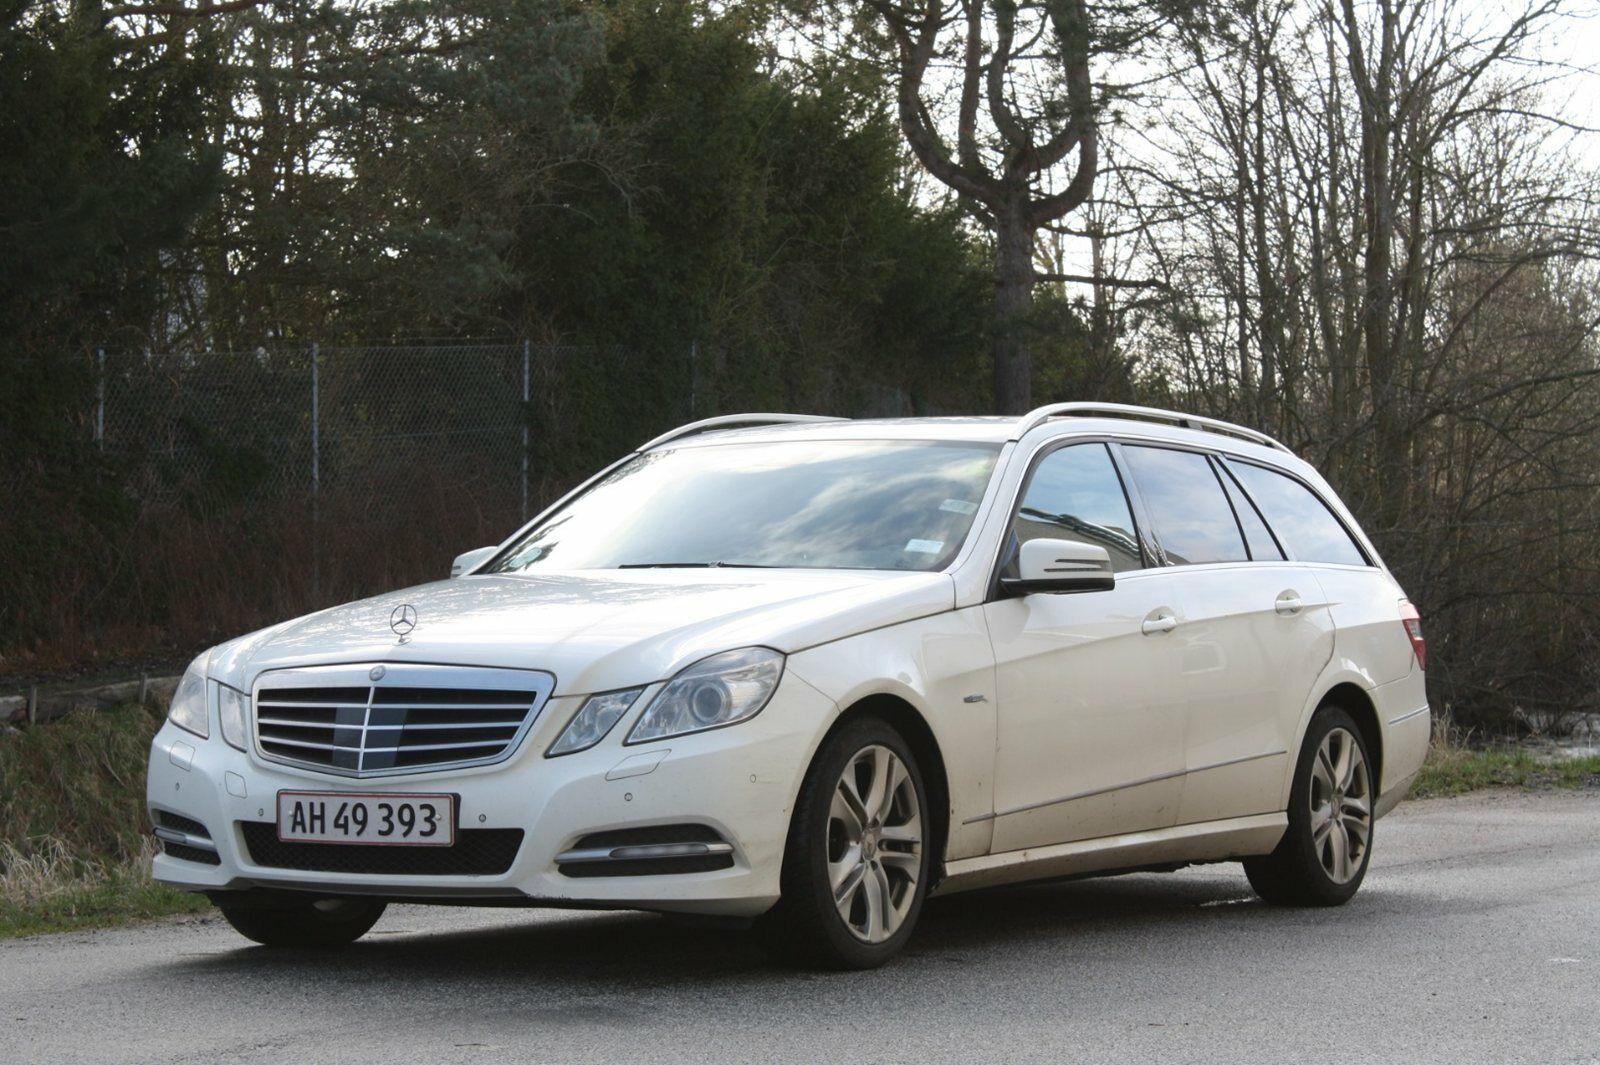 Mercedes E350 3,0 CDi Avantgarde stc. aut. 4-M 5d